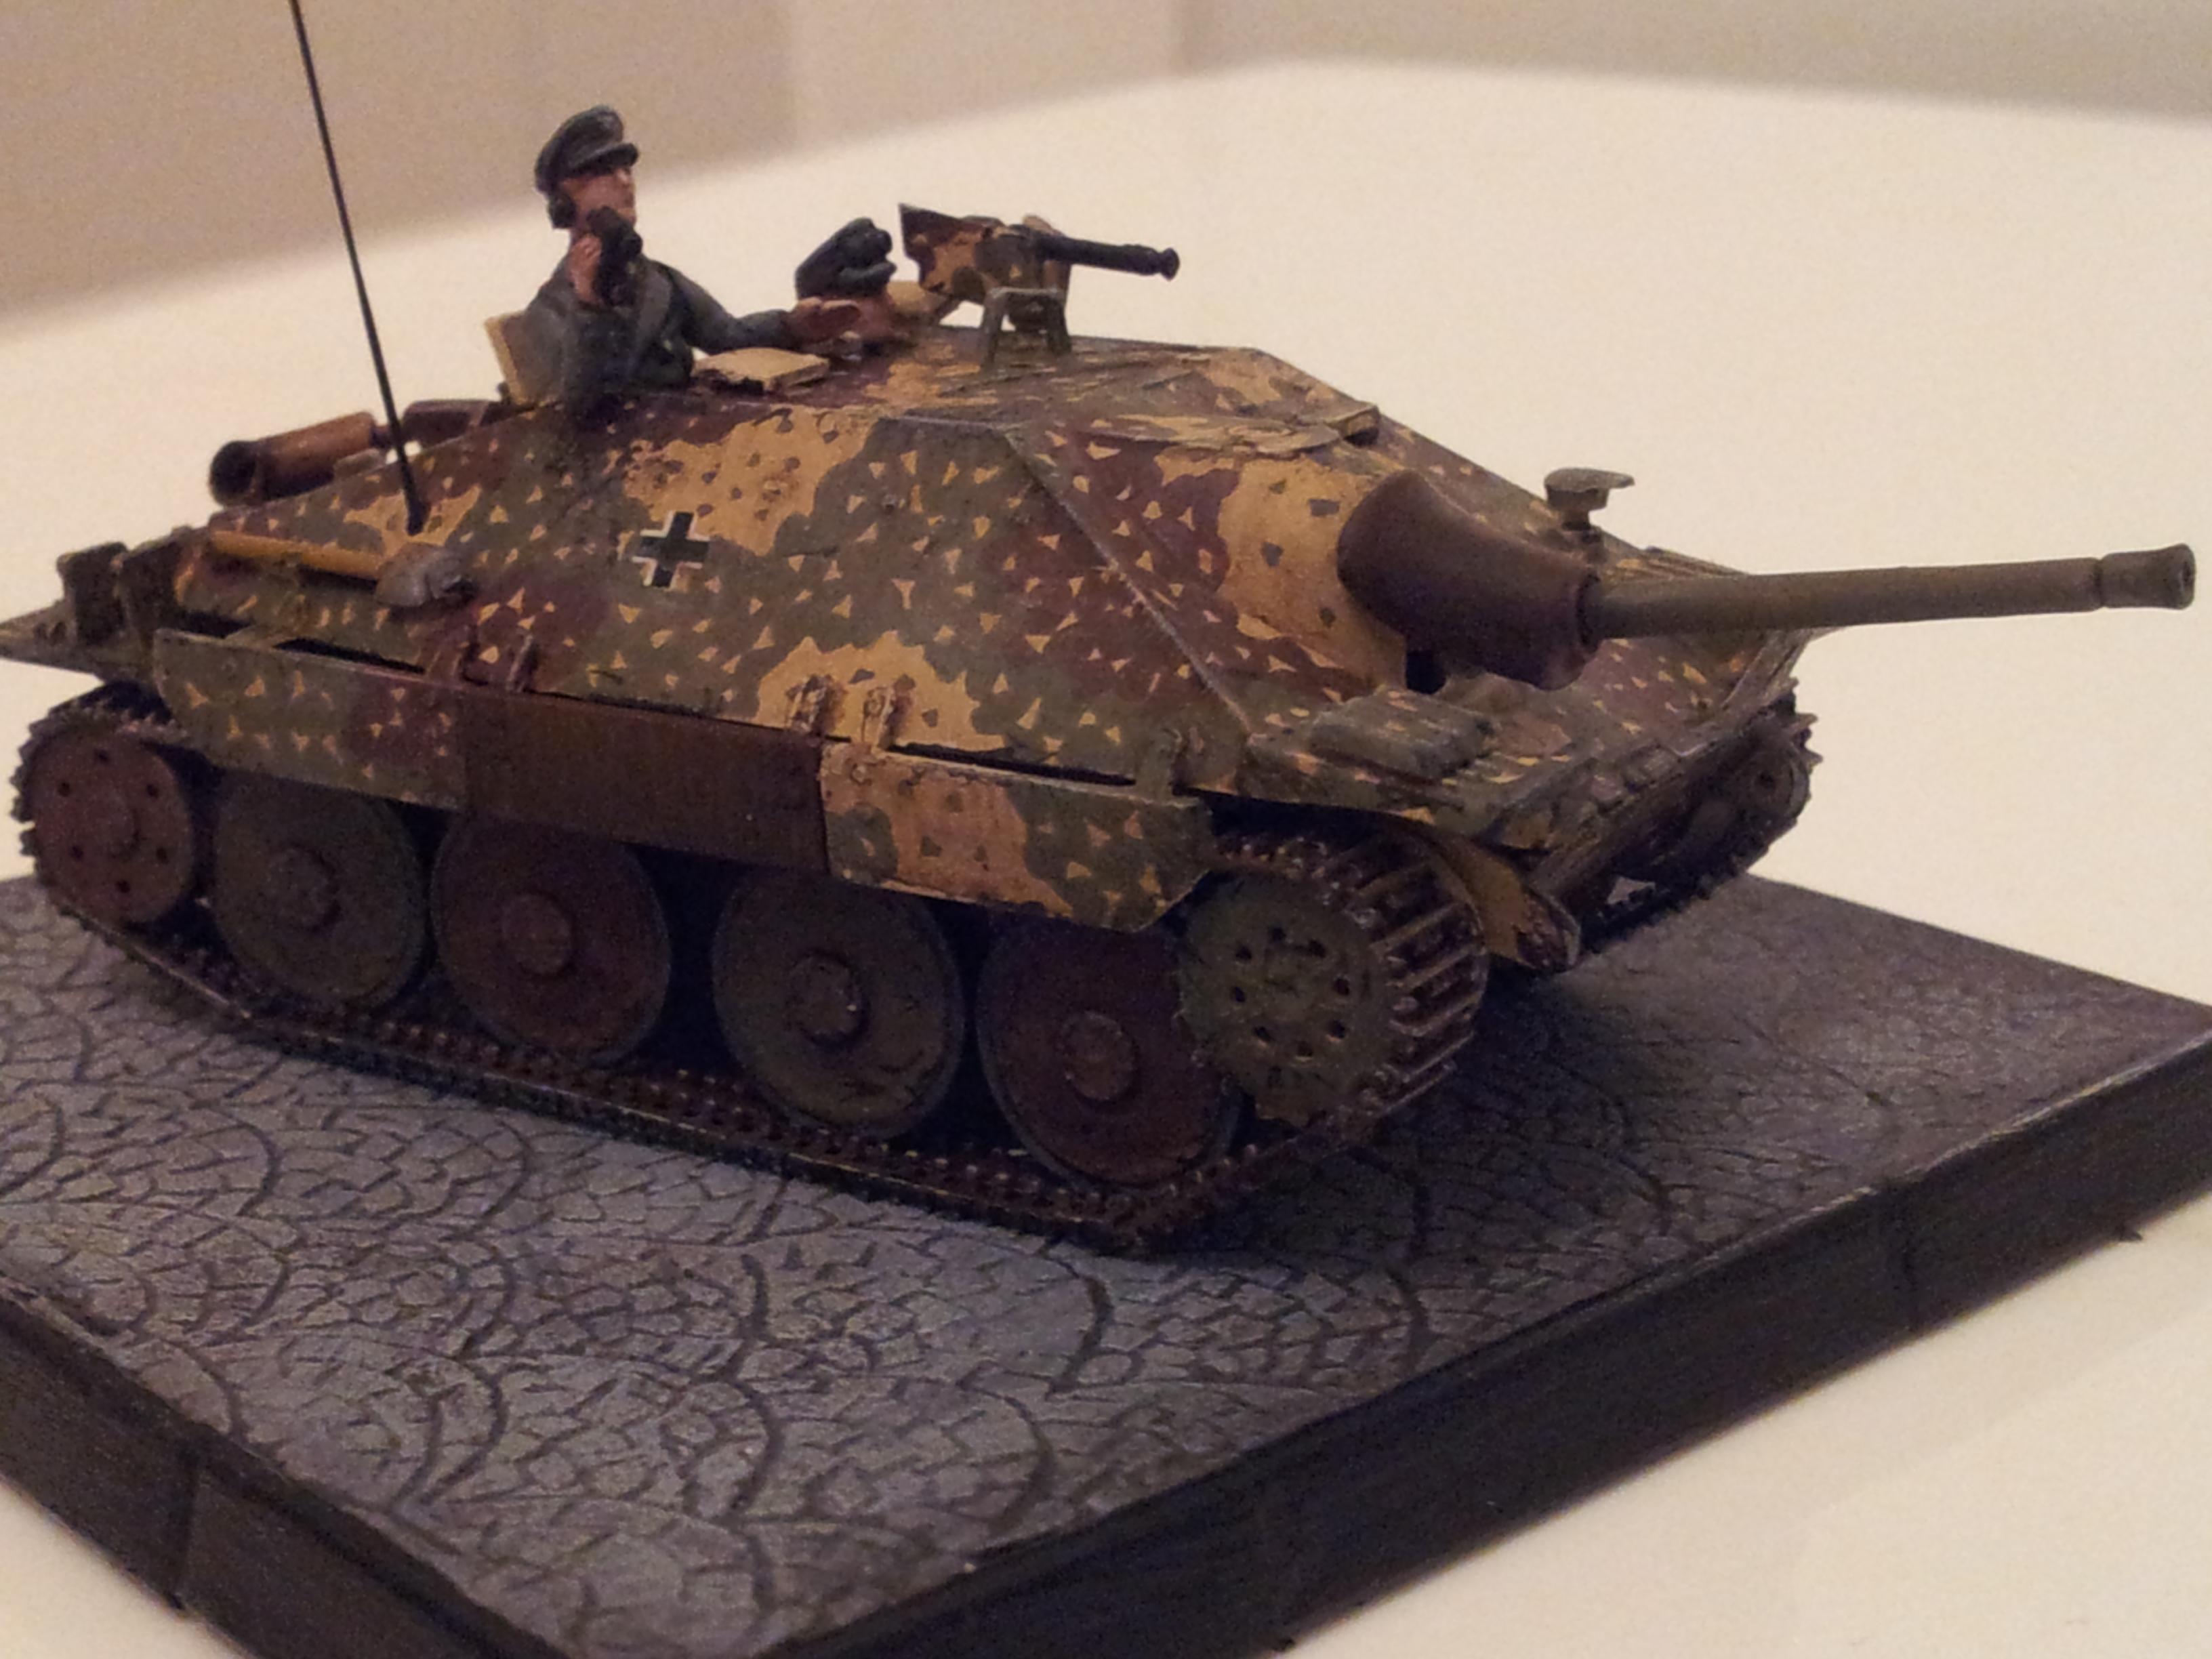 1/72, Camouflage, Germans, Hetzer, Panzer, World War 2